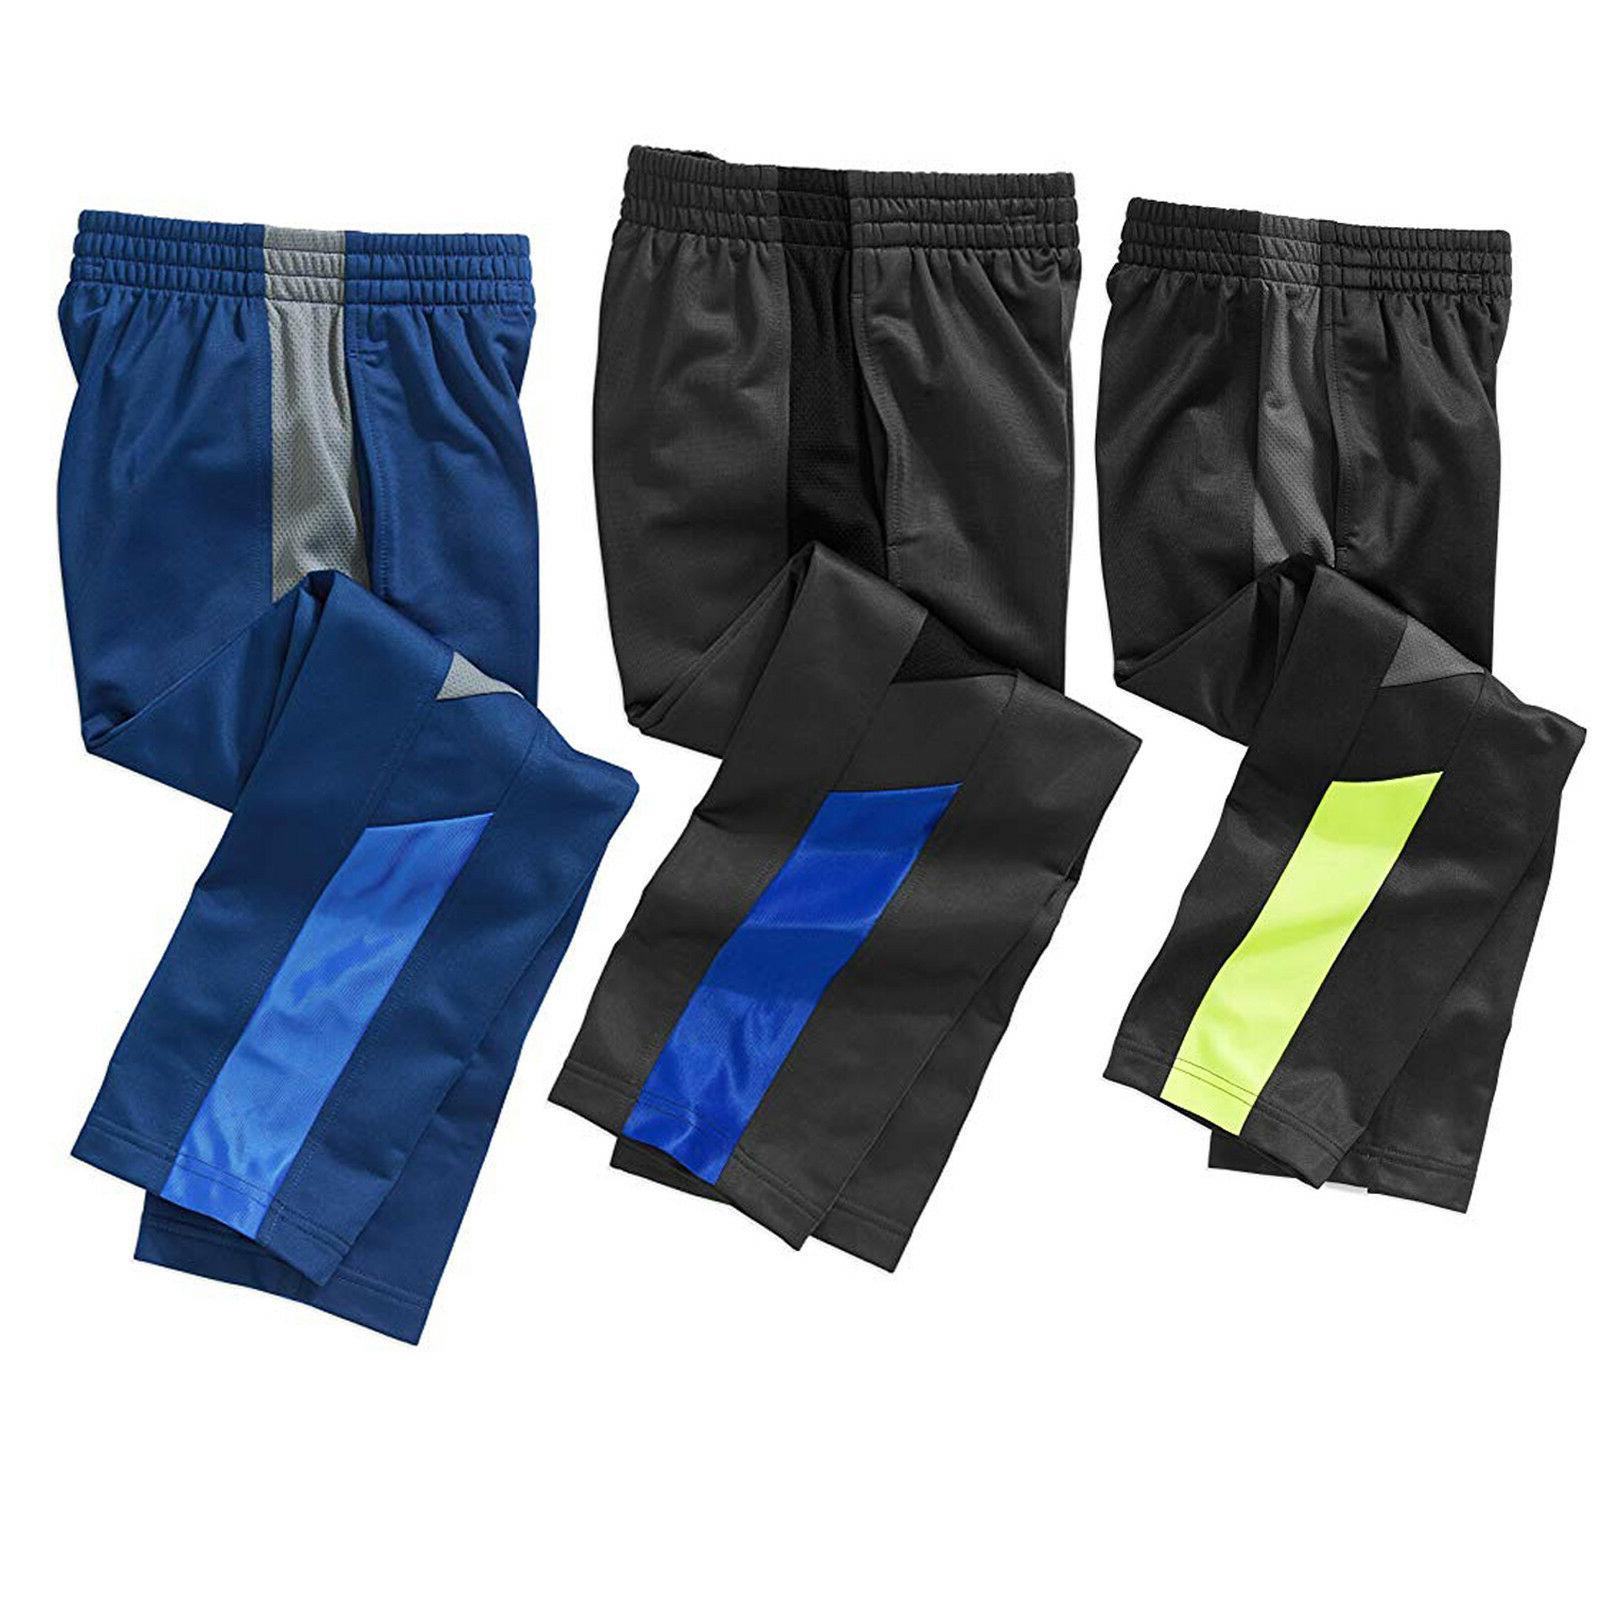 Boy's Sweatpants WORK-OUT S/M/L